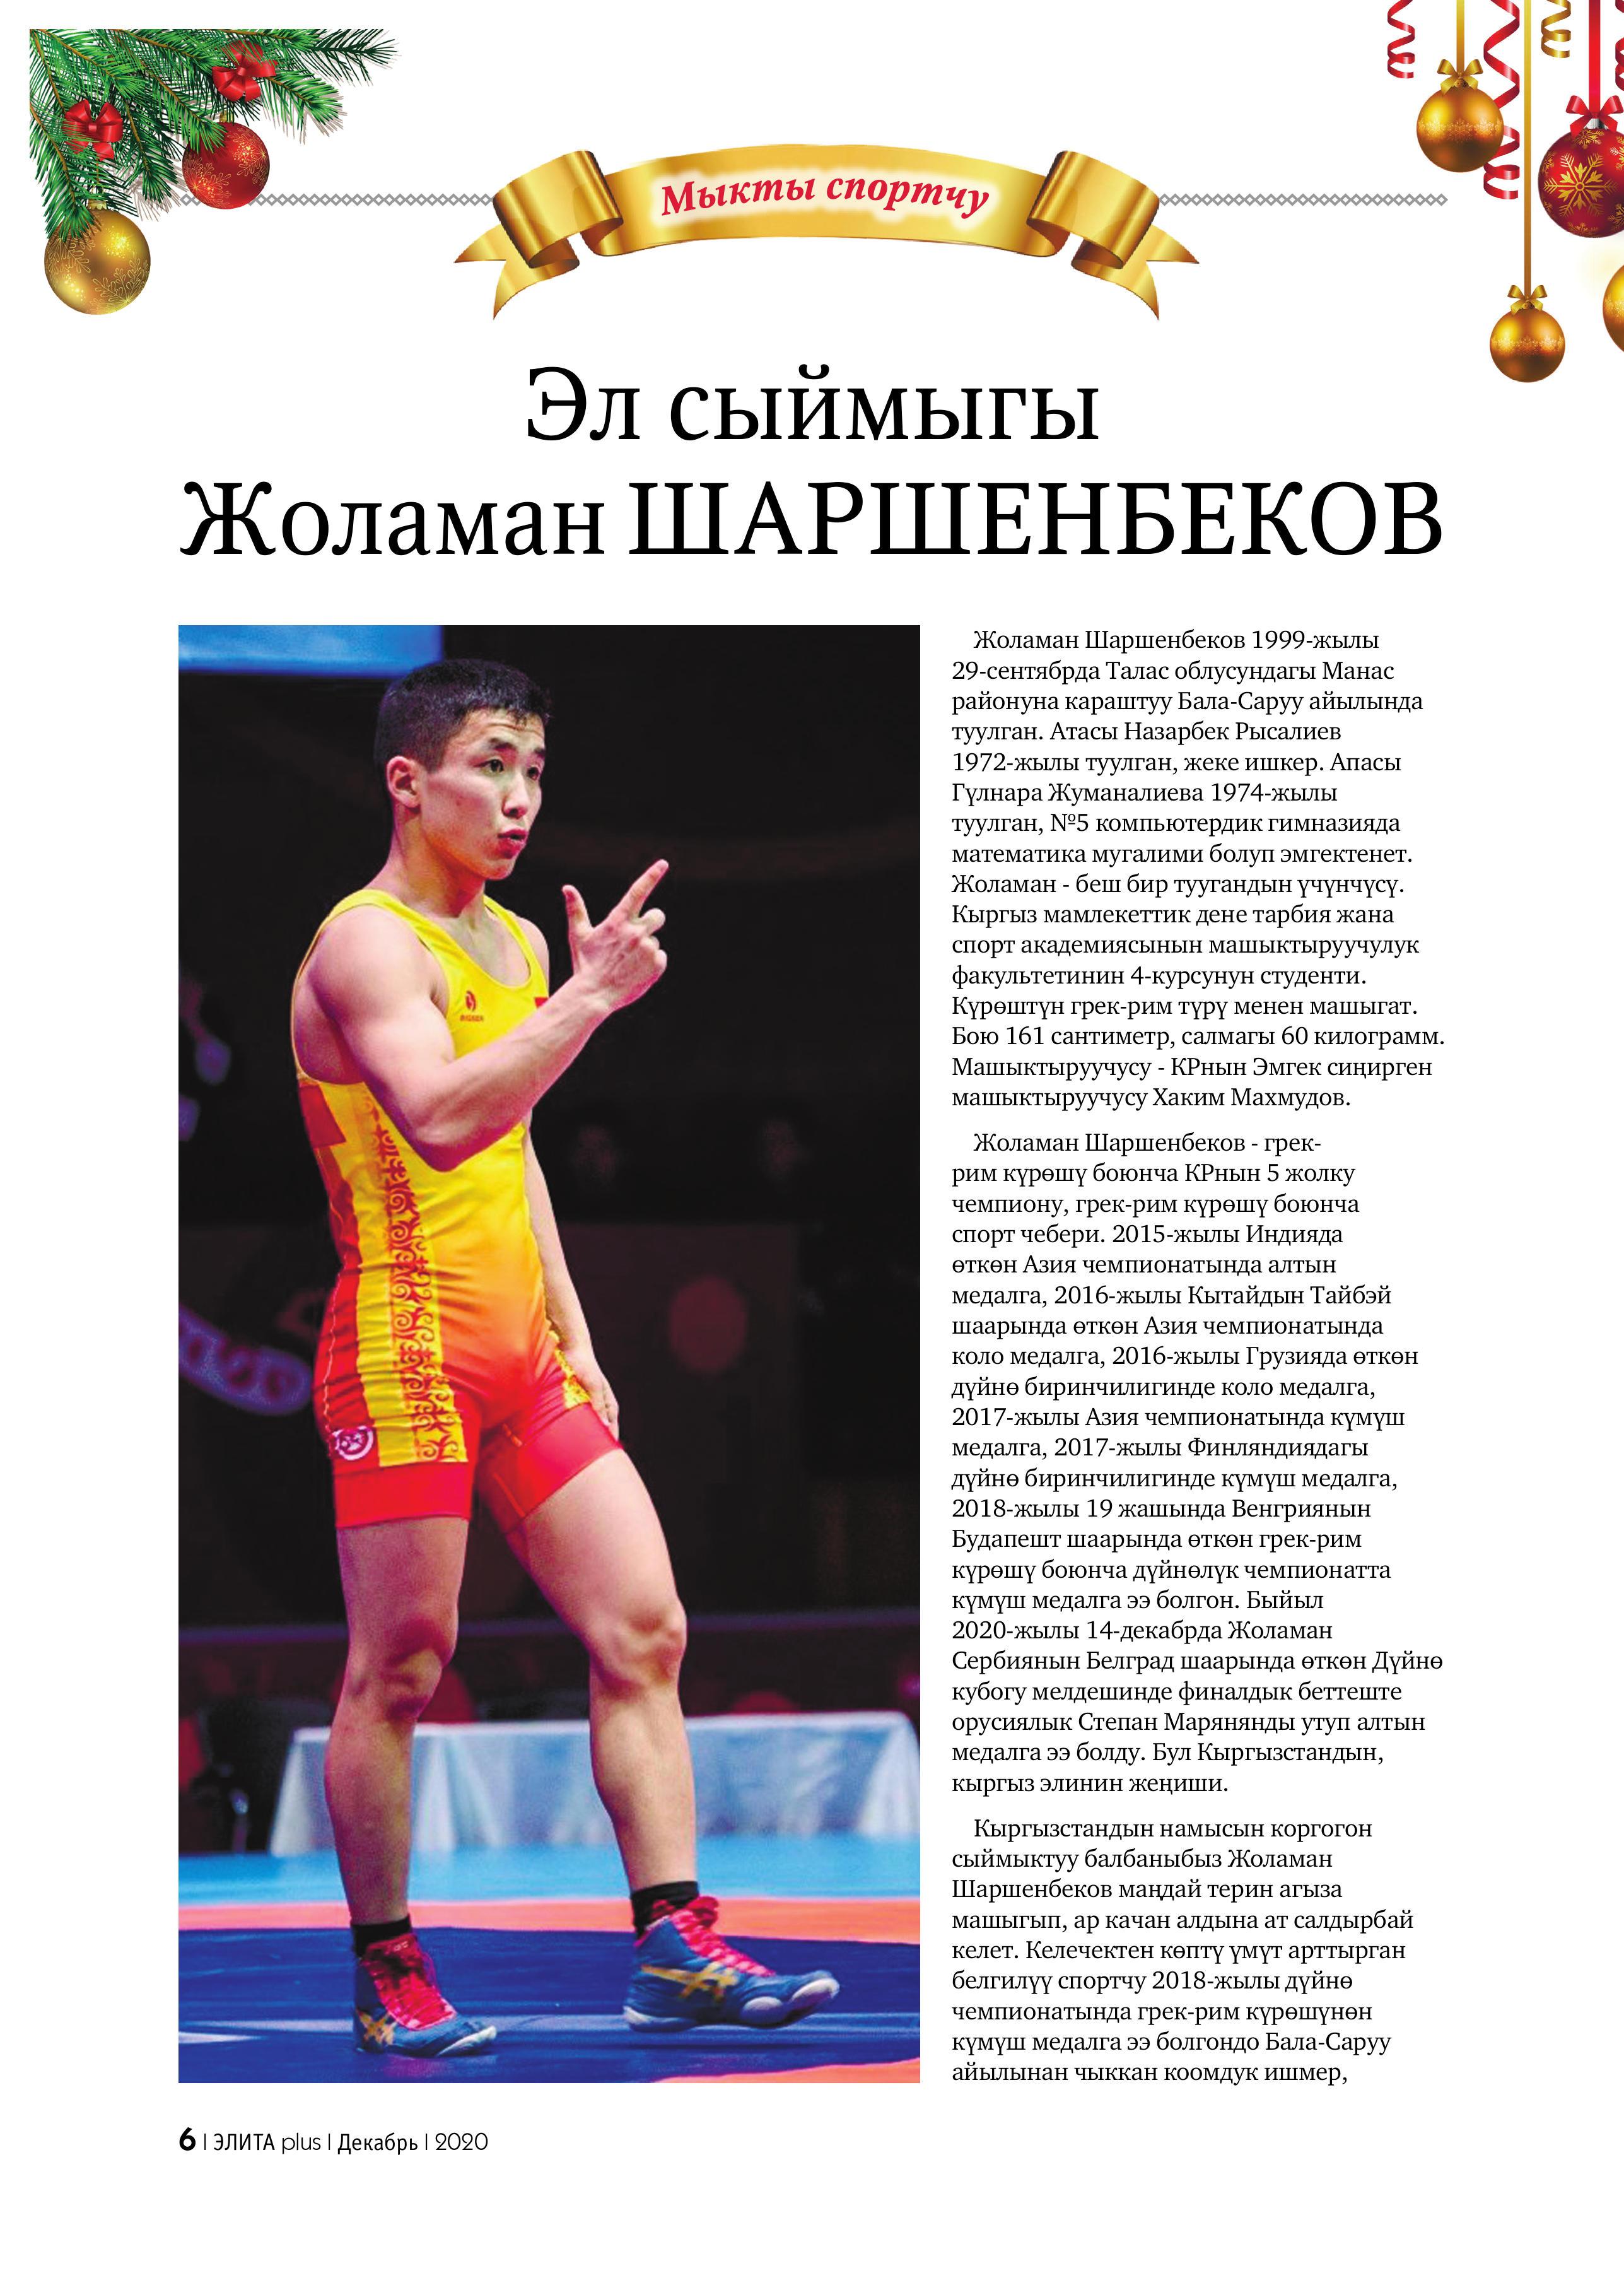 Жылдын мыкты спортчусу Жоламан ШАРШЕНБЕКОВ